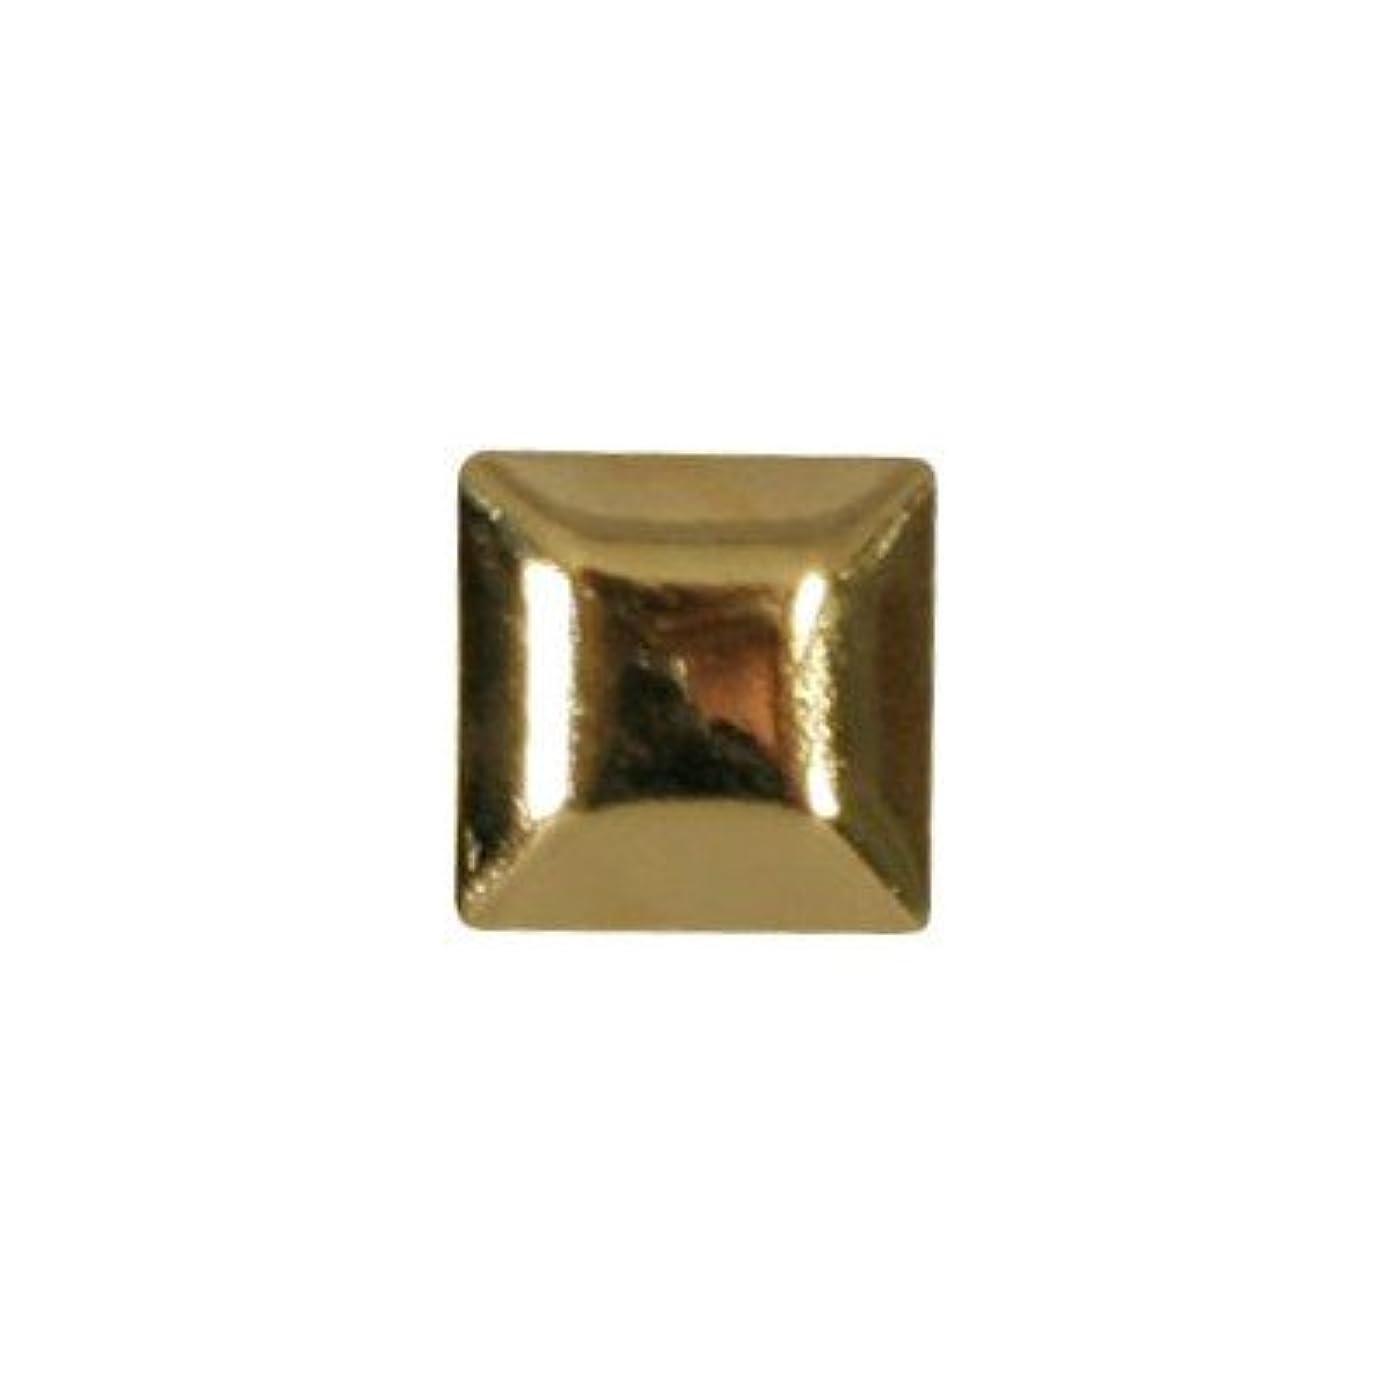 橋脚満州マトロンピアドラ スタッズ メタルスクエア 4mm 30P ゴールド